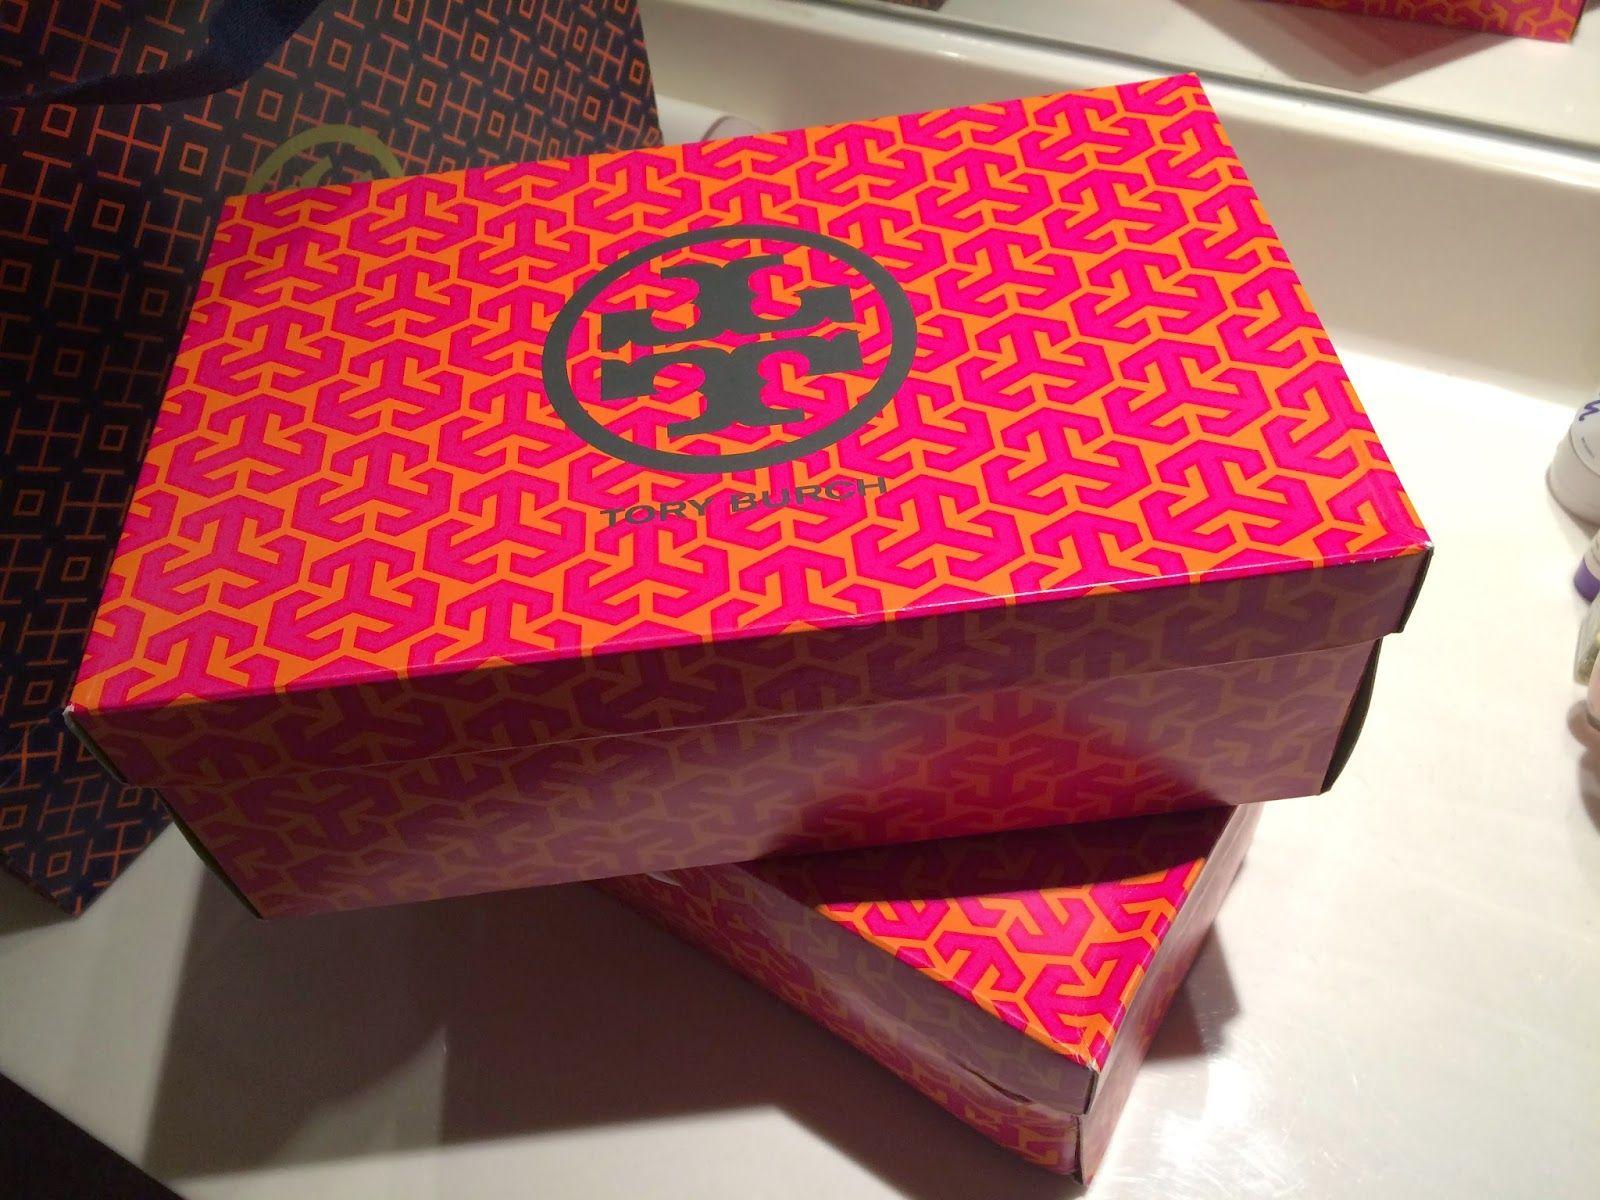 Tory Burch Shoe Box